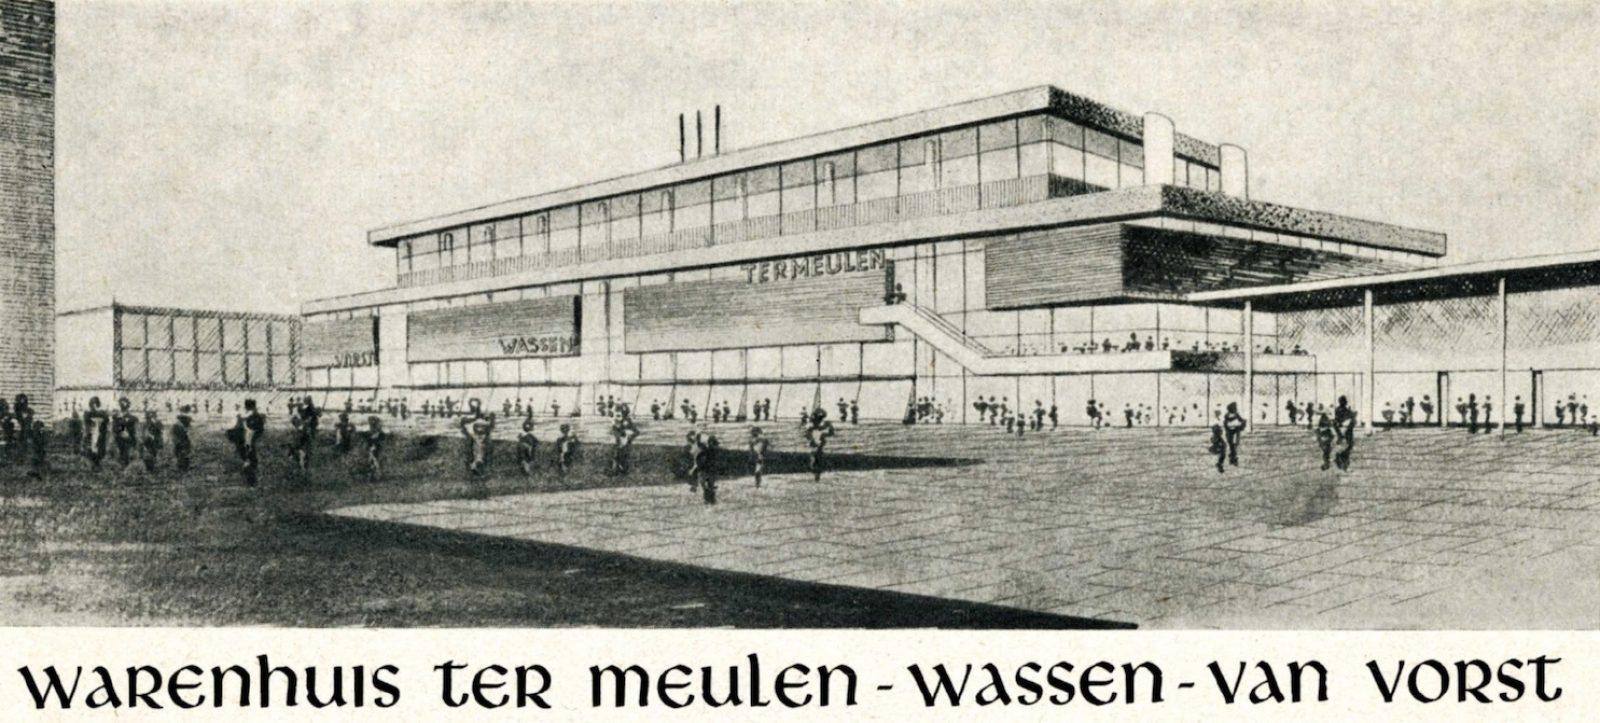 12 ter meulen 1949 Maasstad 1949 ma apr